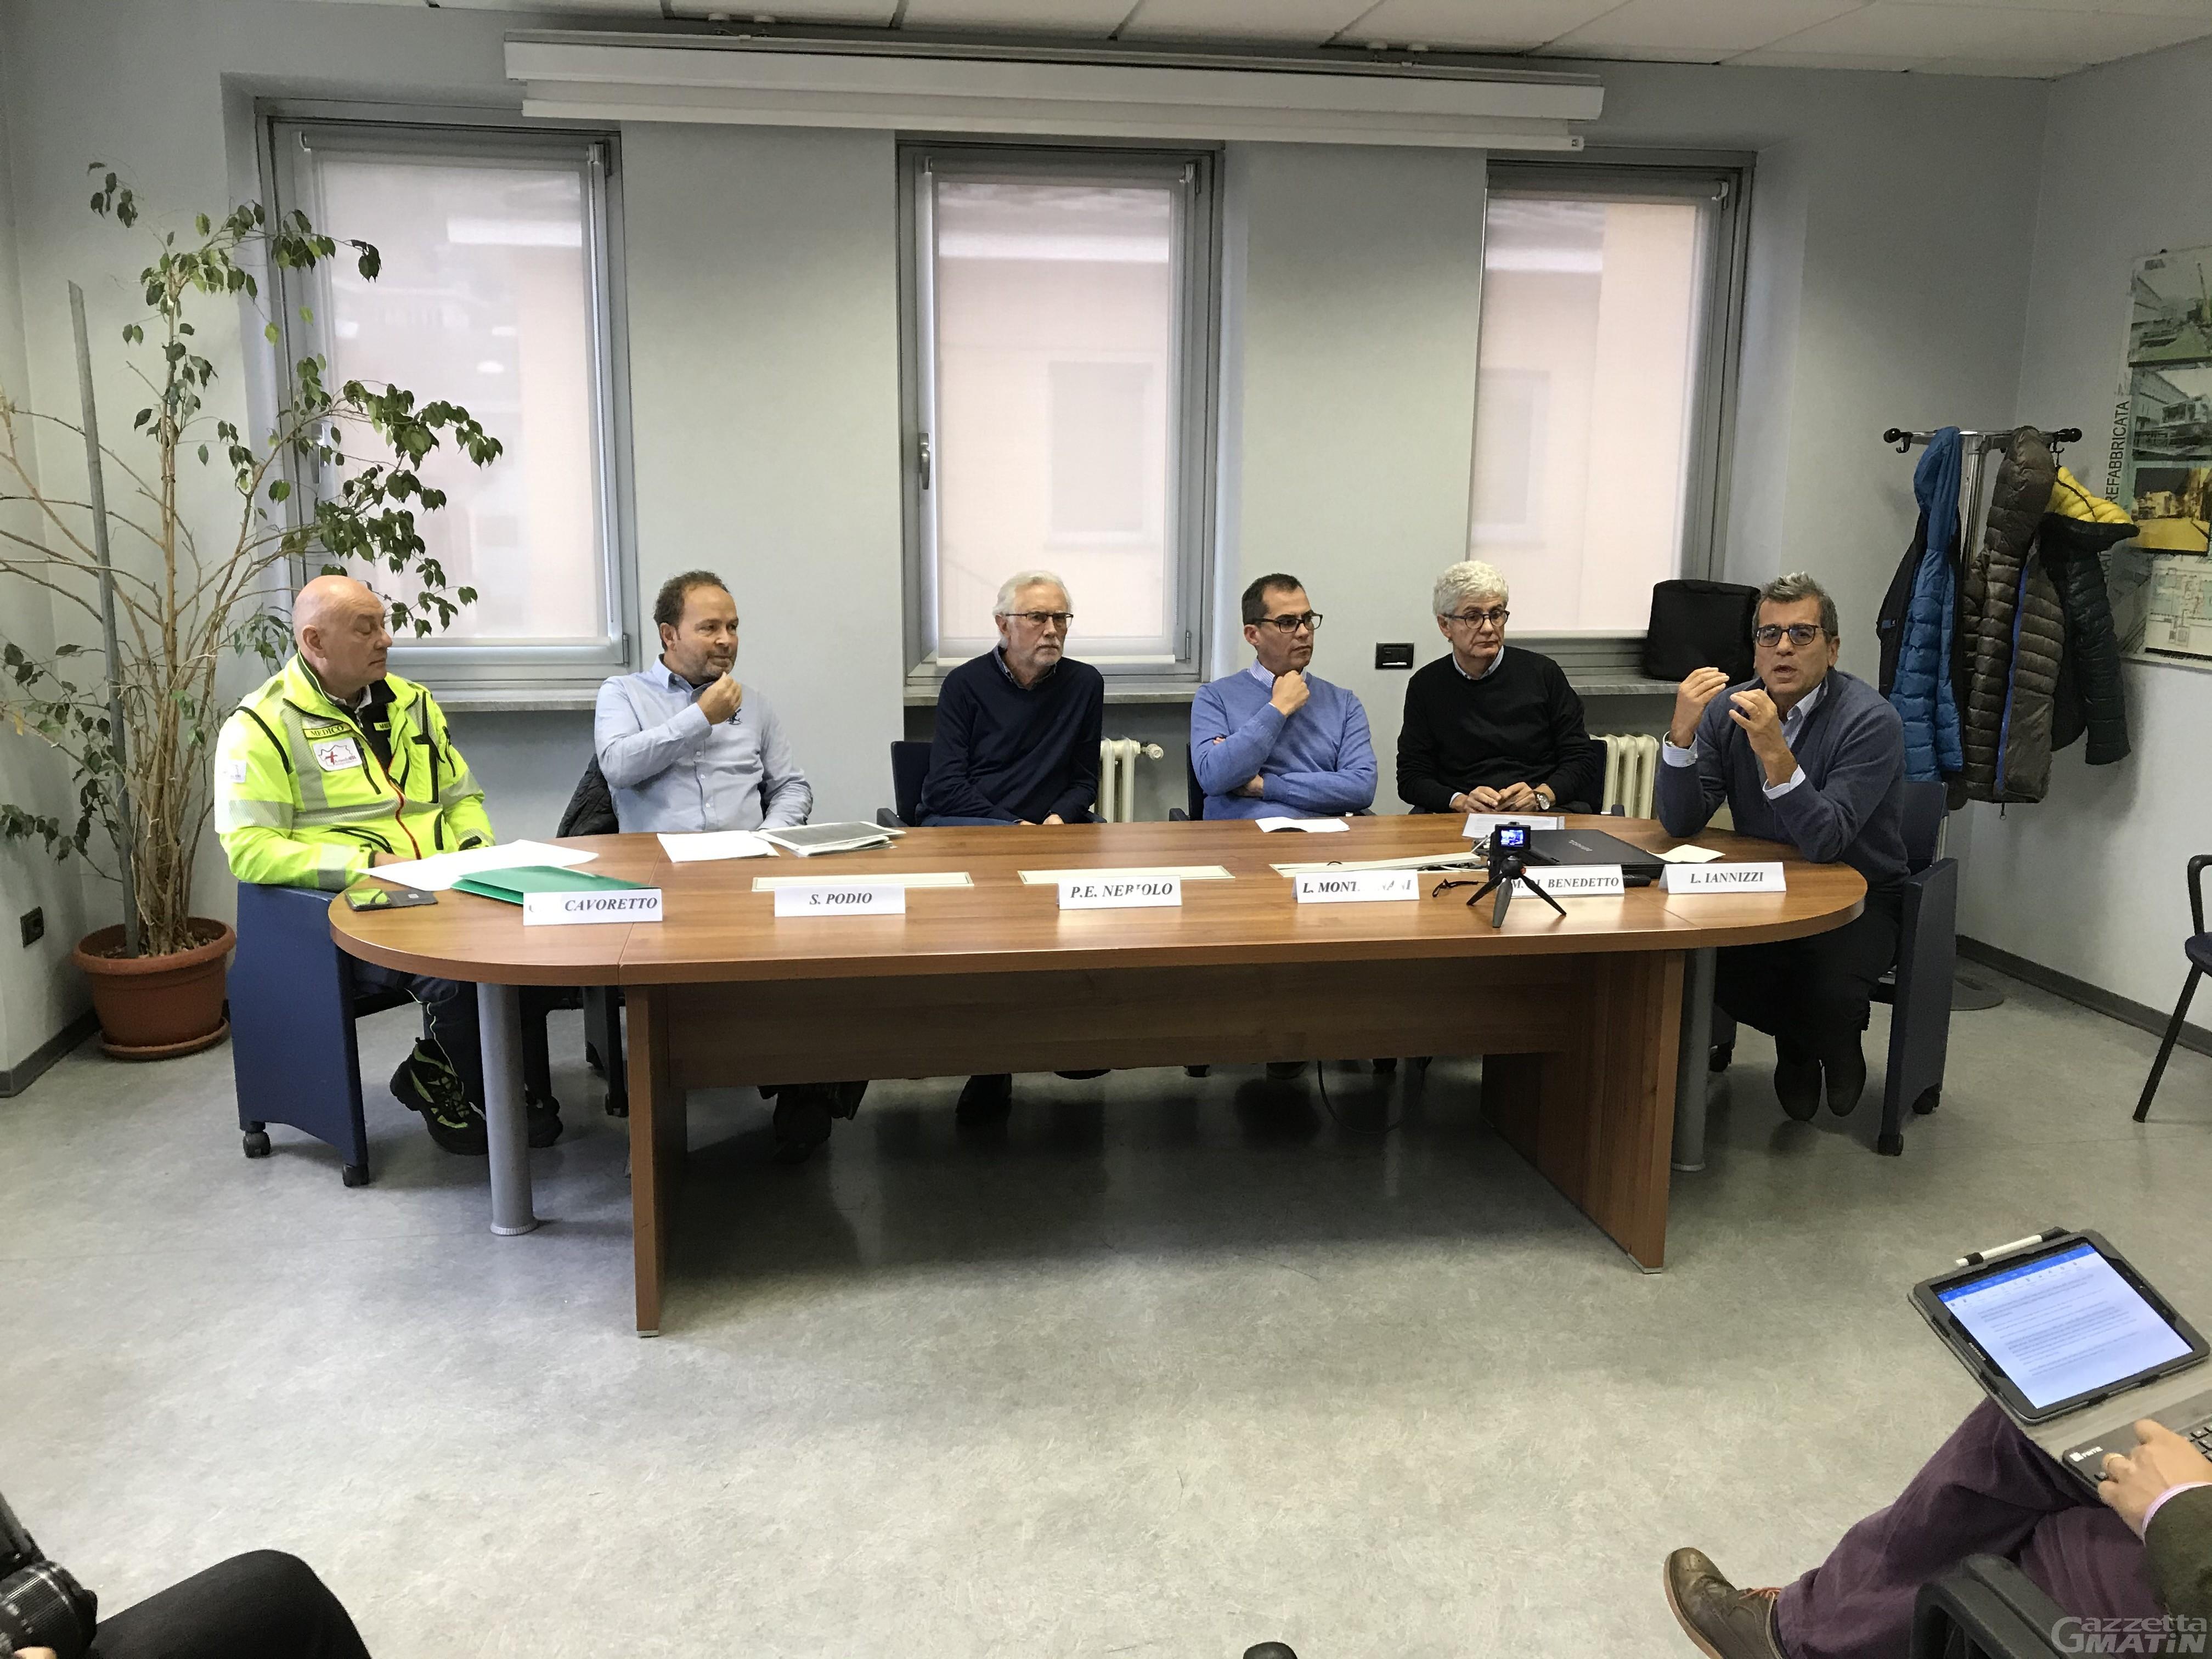 Pronto soccorso: Valle d'Aosta quarta regione italiana per tasso d'accesso